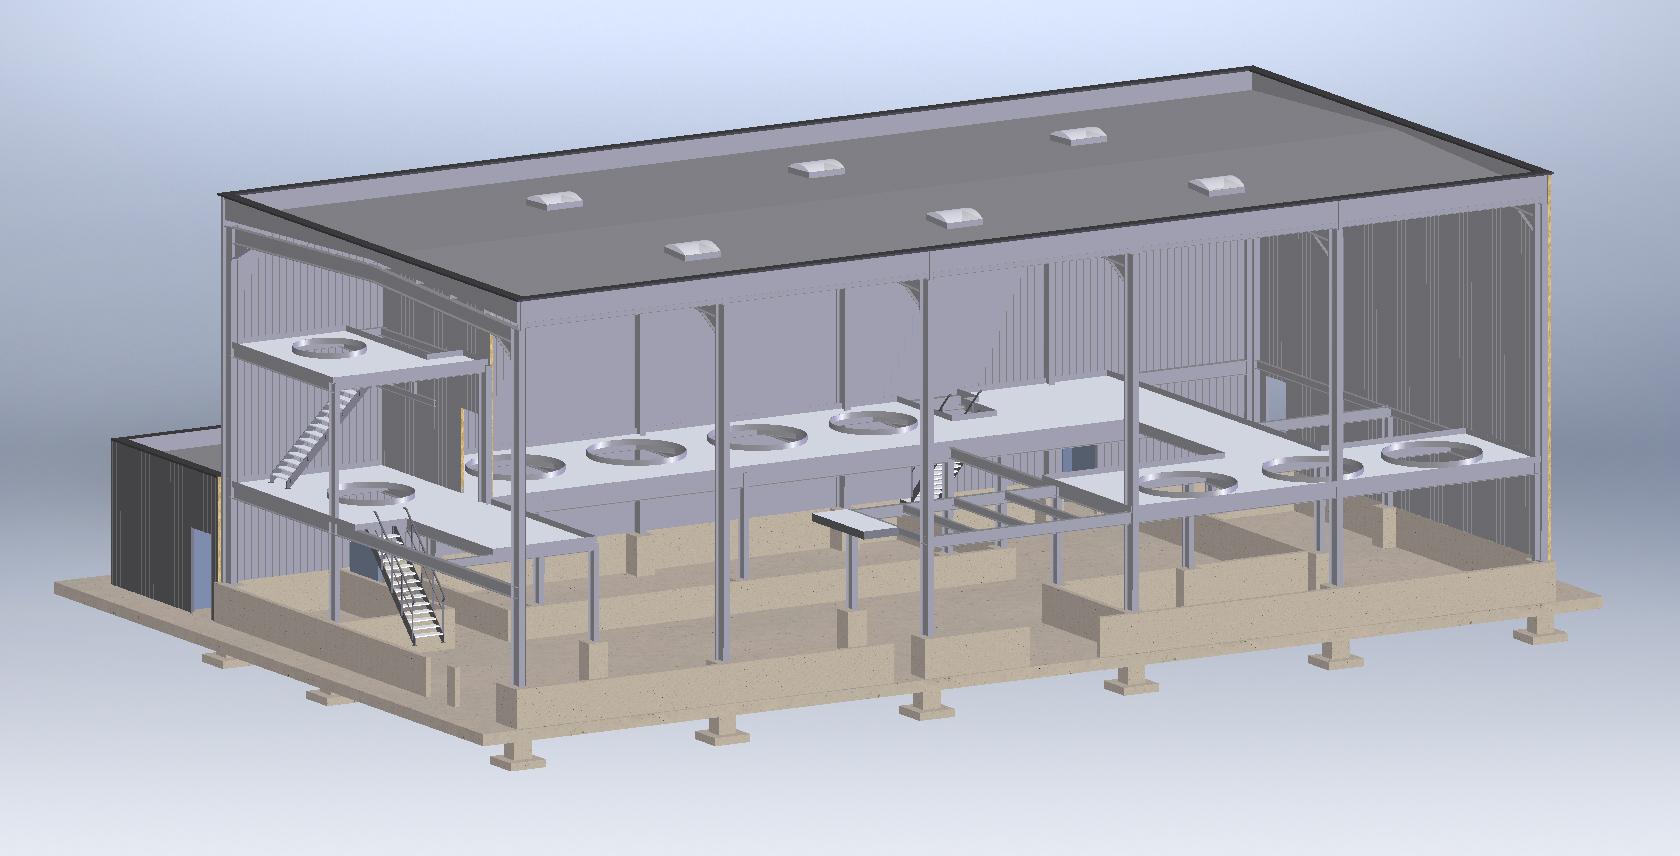 Construc. bâtiment industriel et plateformes<br>Pré-imesionnnement/consultations